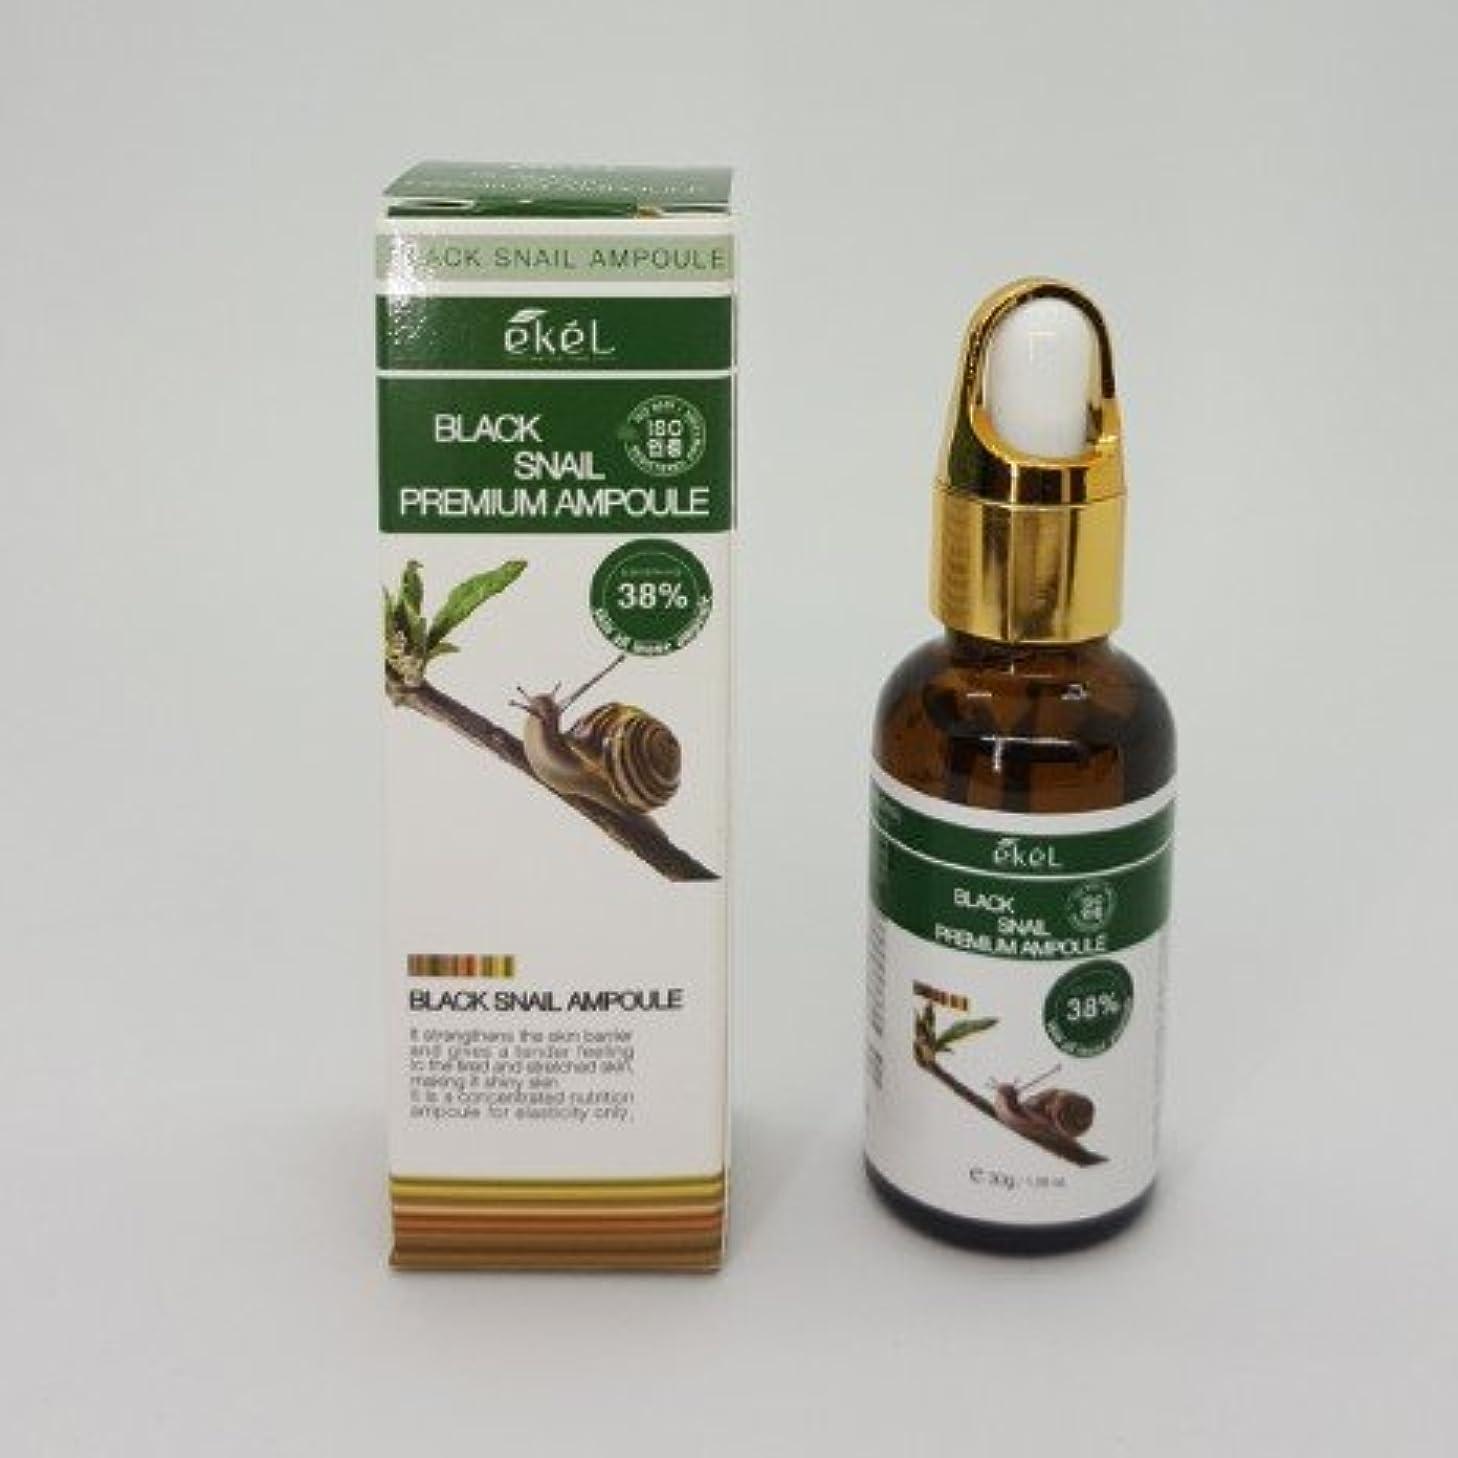 量やさしくラジカル[EKEL] Black Snail Premium Ampoule 38% - 30g